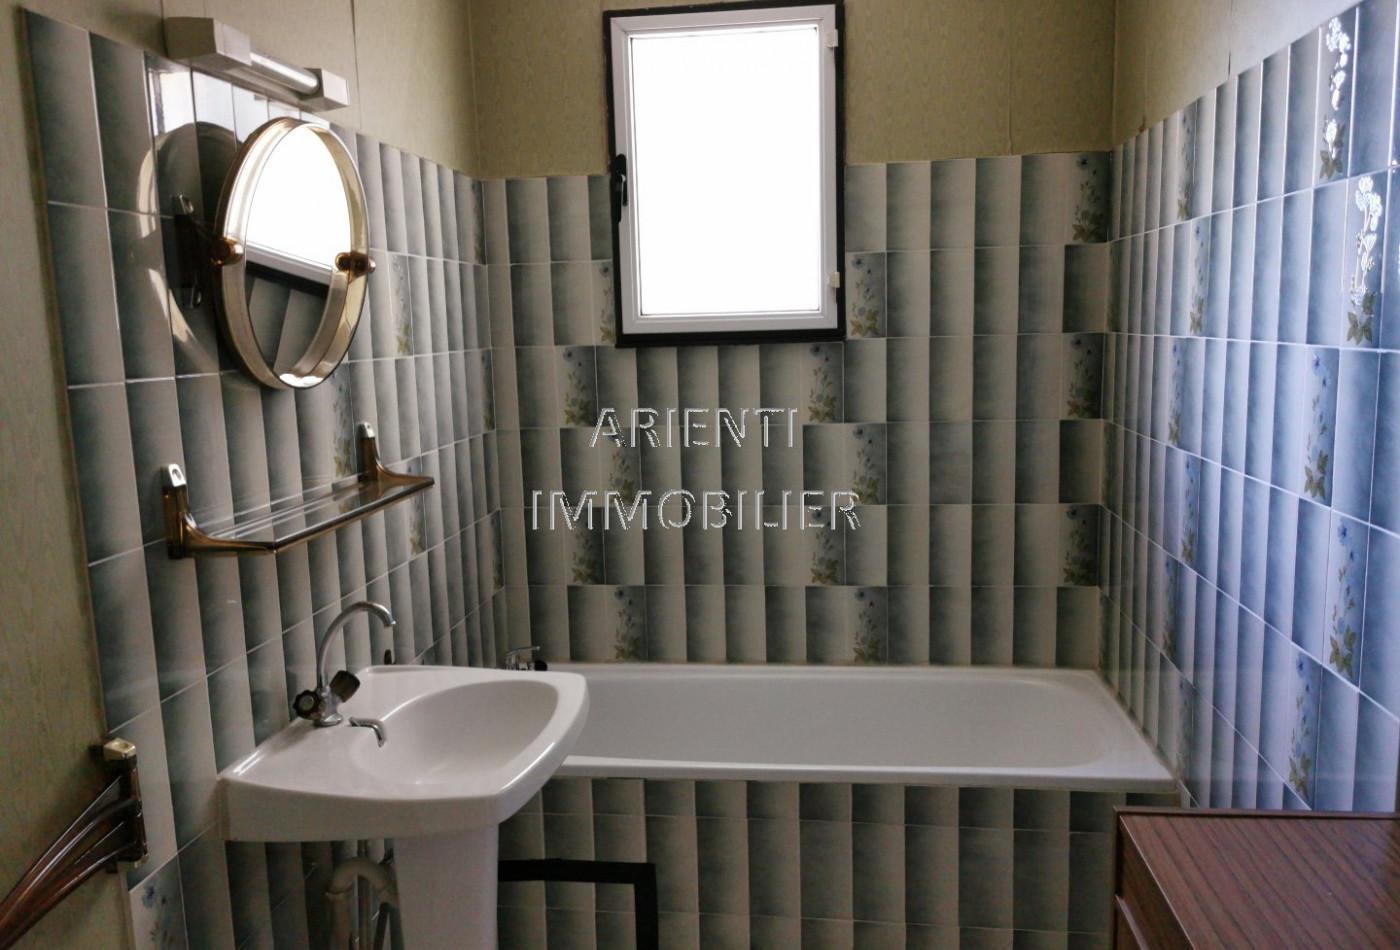 A vendre  Chamaret | Réf 260013423 - Office immobilier arienti